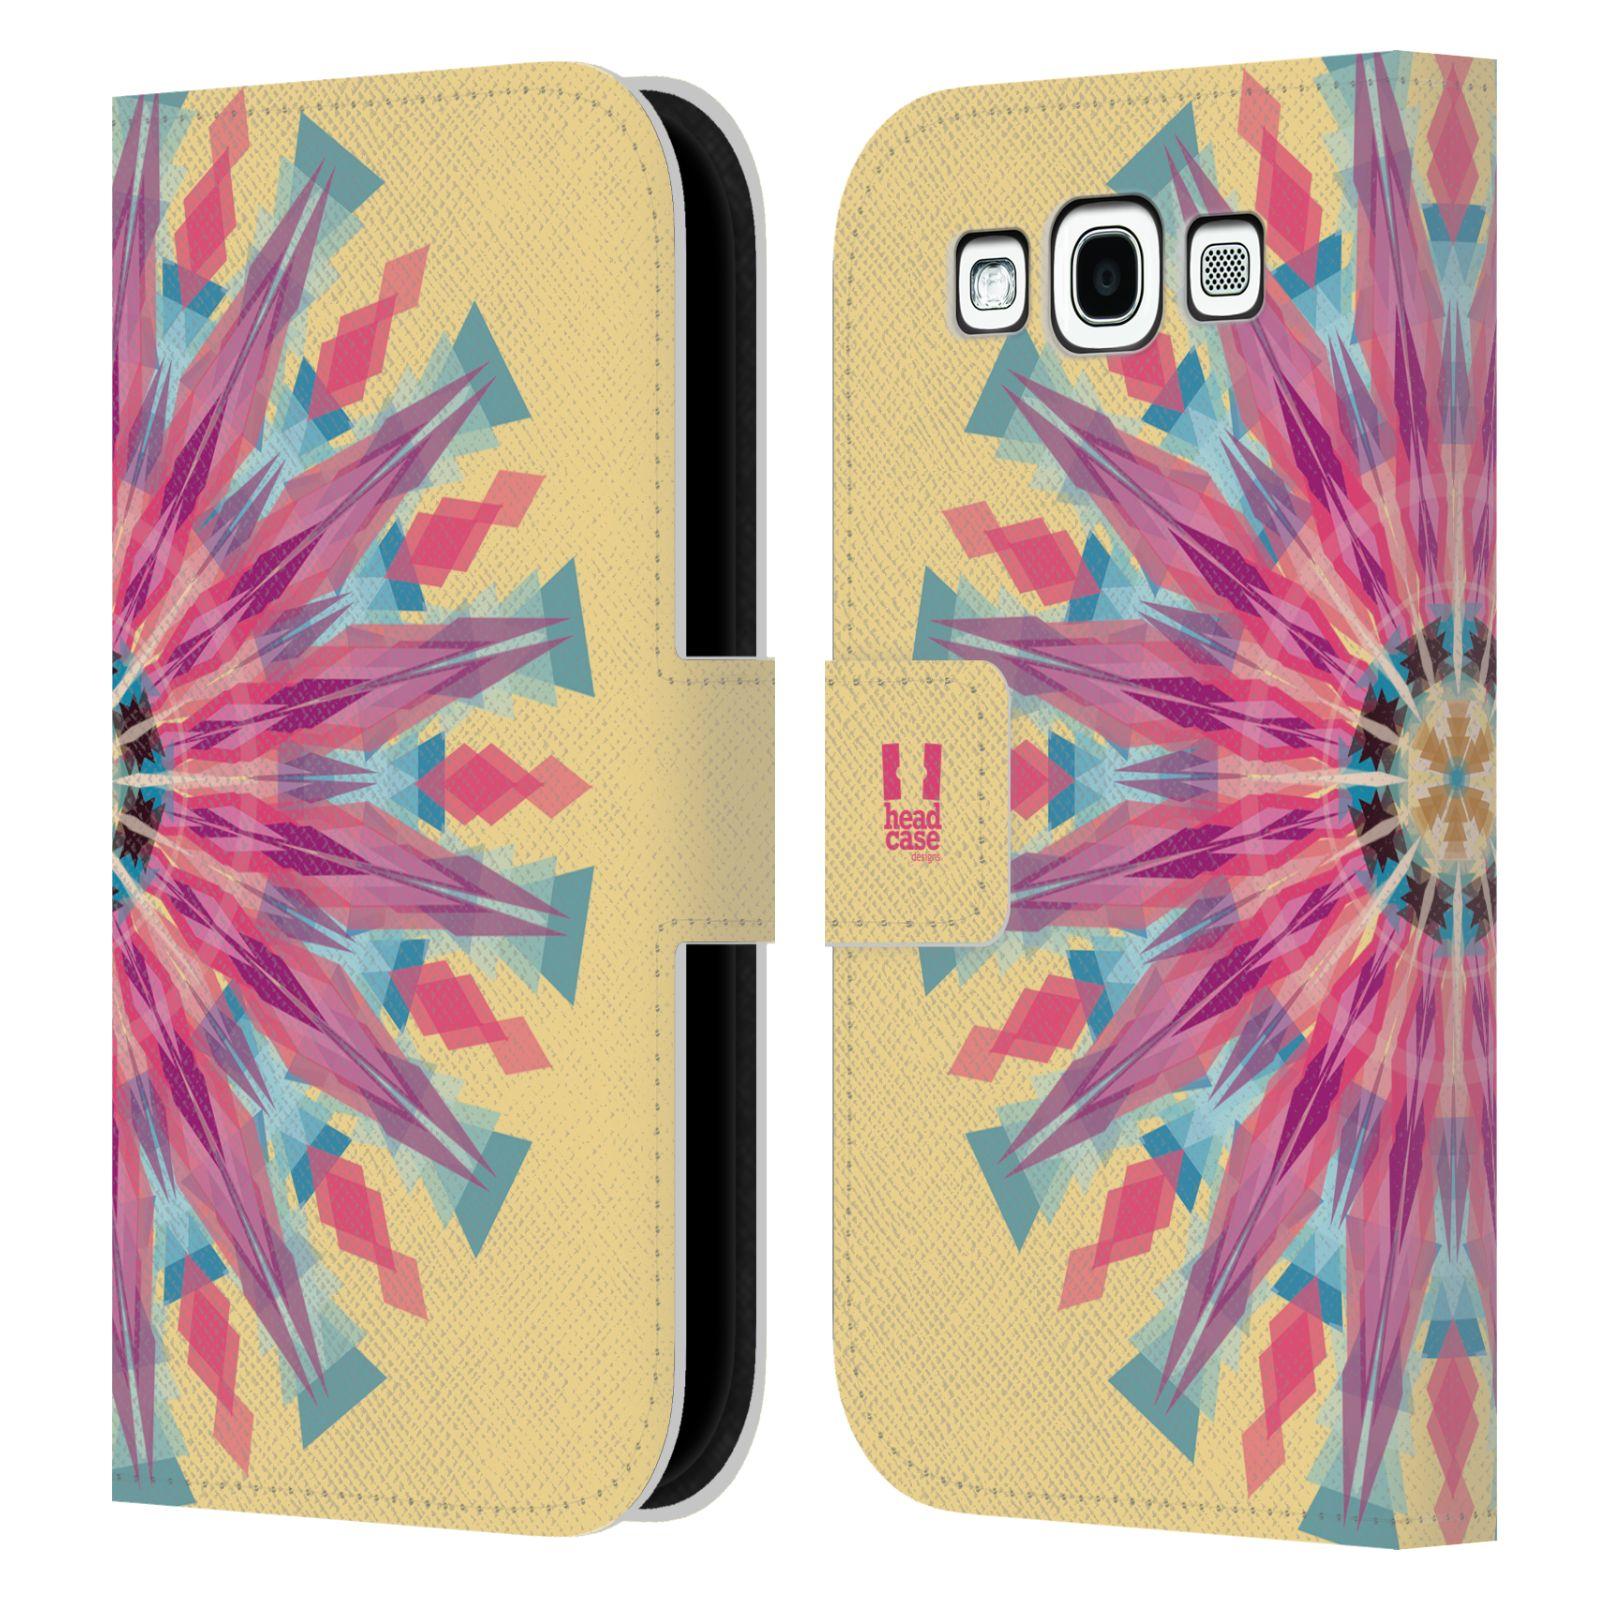 HEAD CASE Flipové pouzdro pro mobil Samsung Galaxy S3 kaleidoskop mandala růžová barva slunce